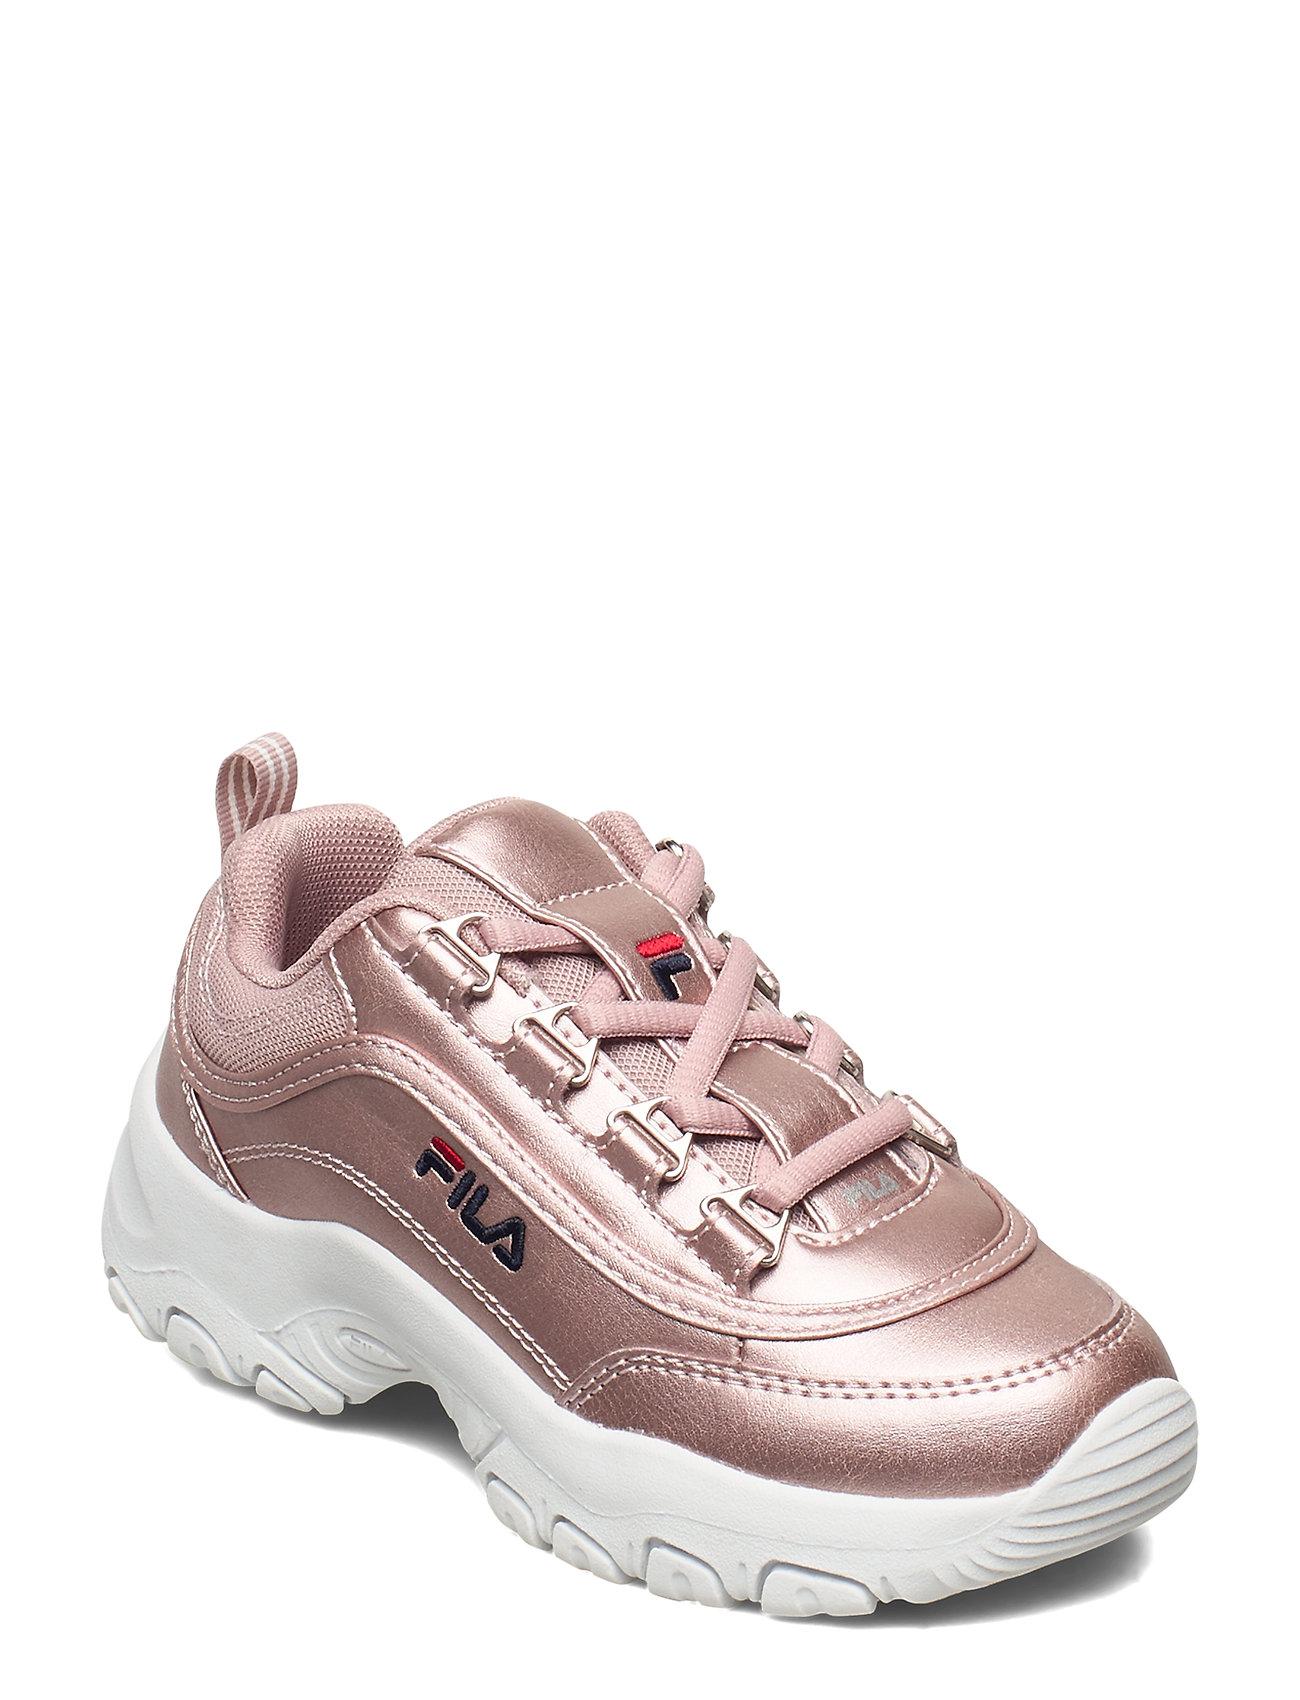 Image of Strada F Low Jr Sneakers Sko Lyserød FILA (3456635363)